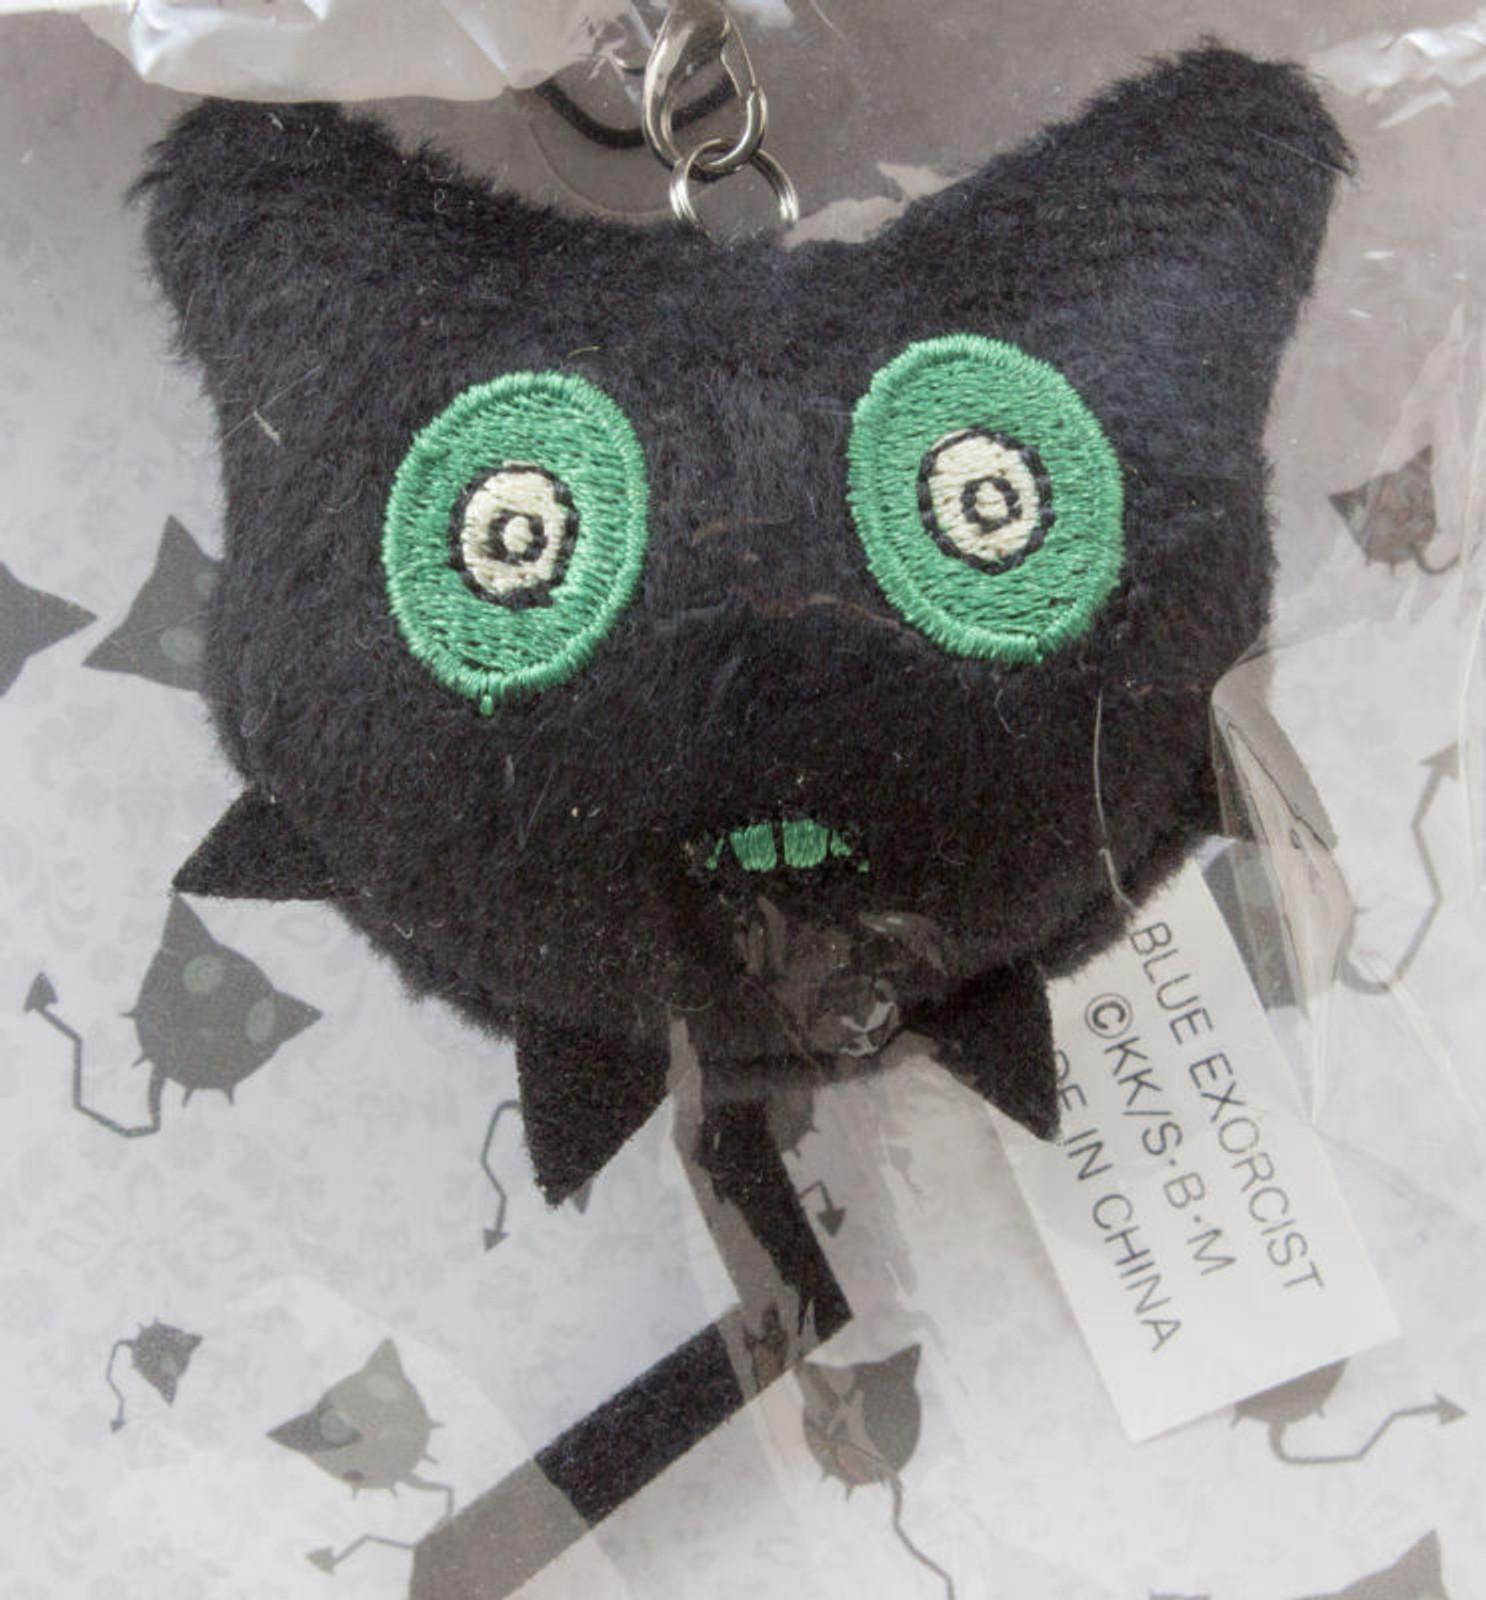 Blue Exorcist Akuma Coal Tar Plush Doll Figure Strap JAPAN ANIME MANGA